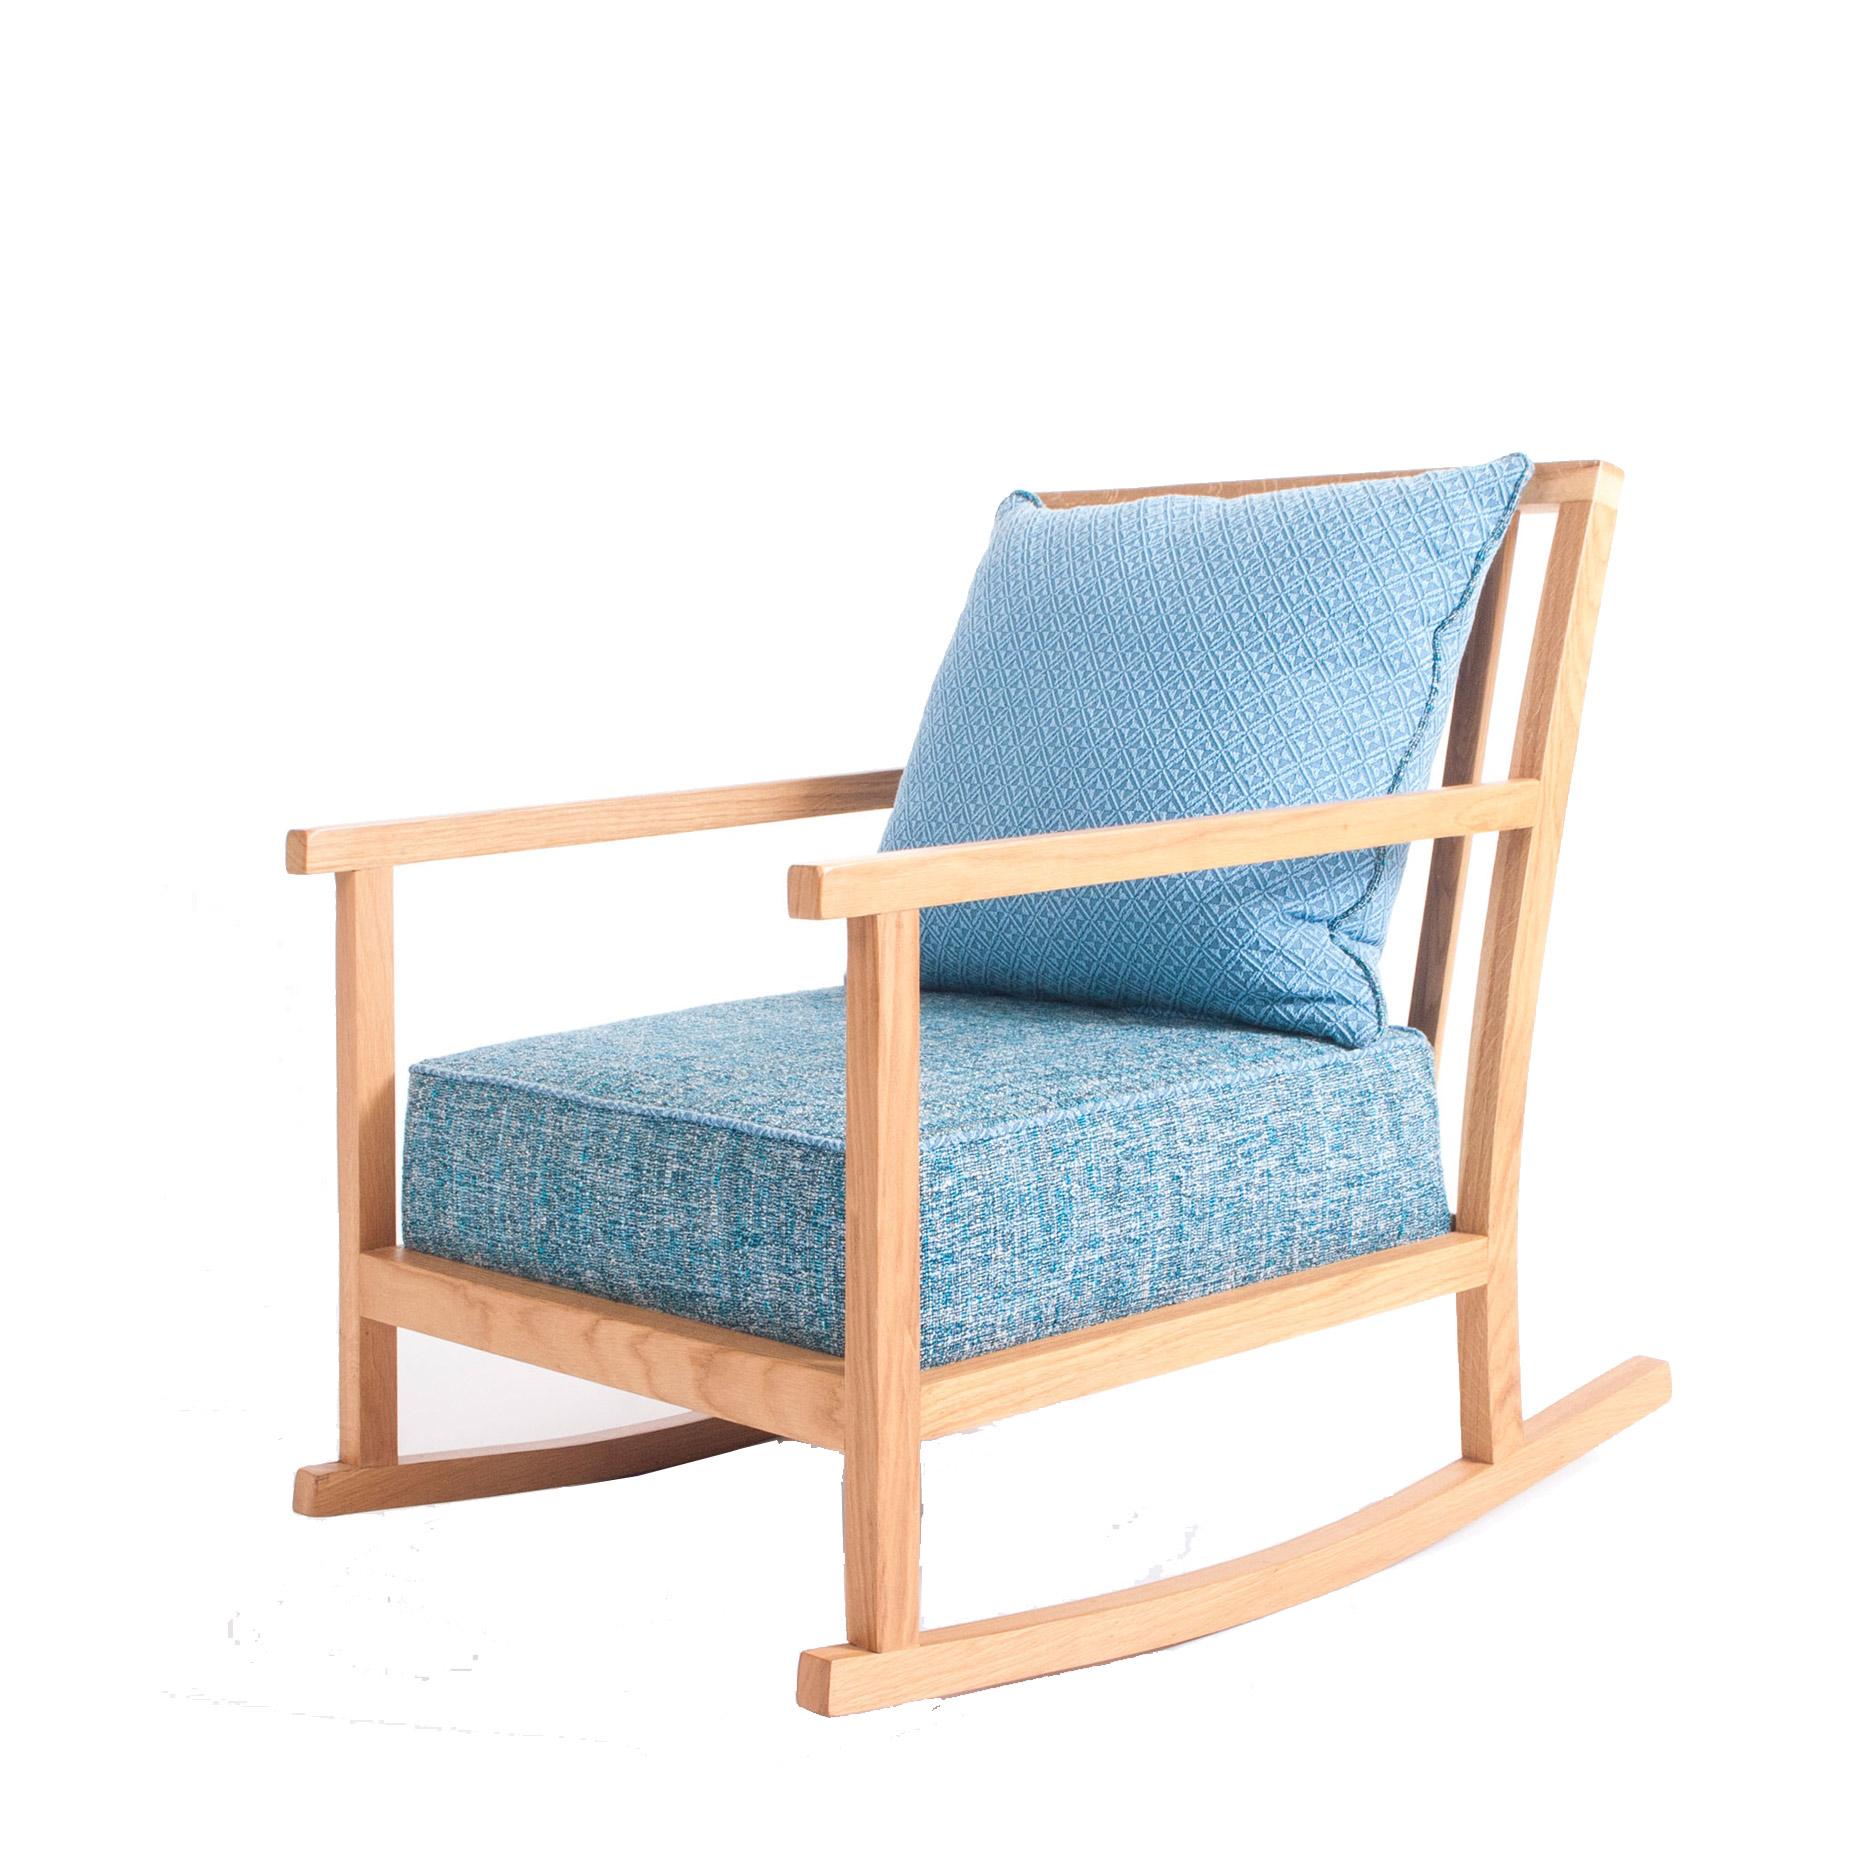 כורסא אוסקר אלון טבעי